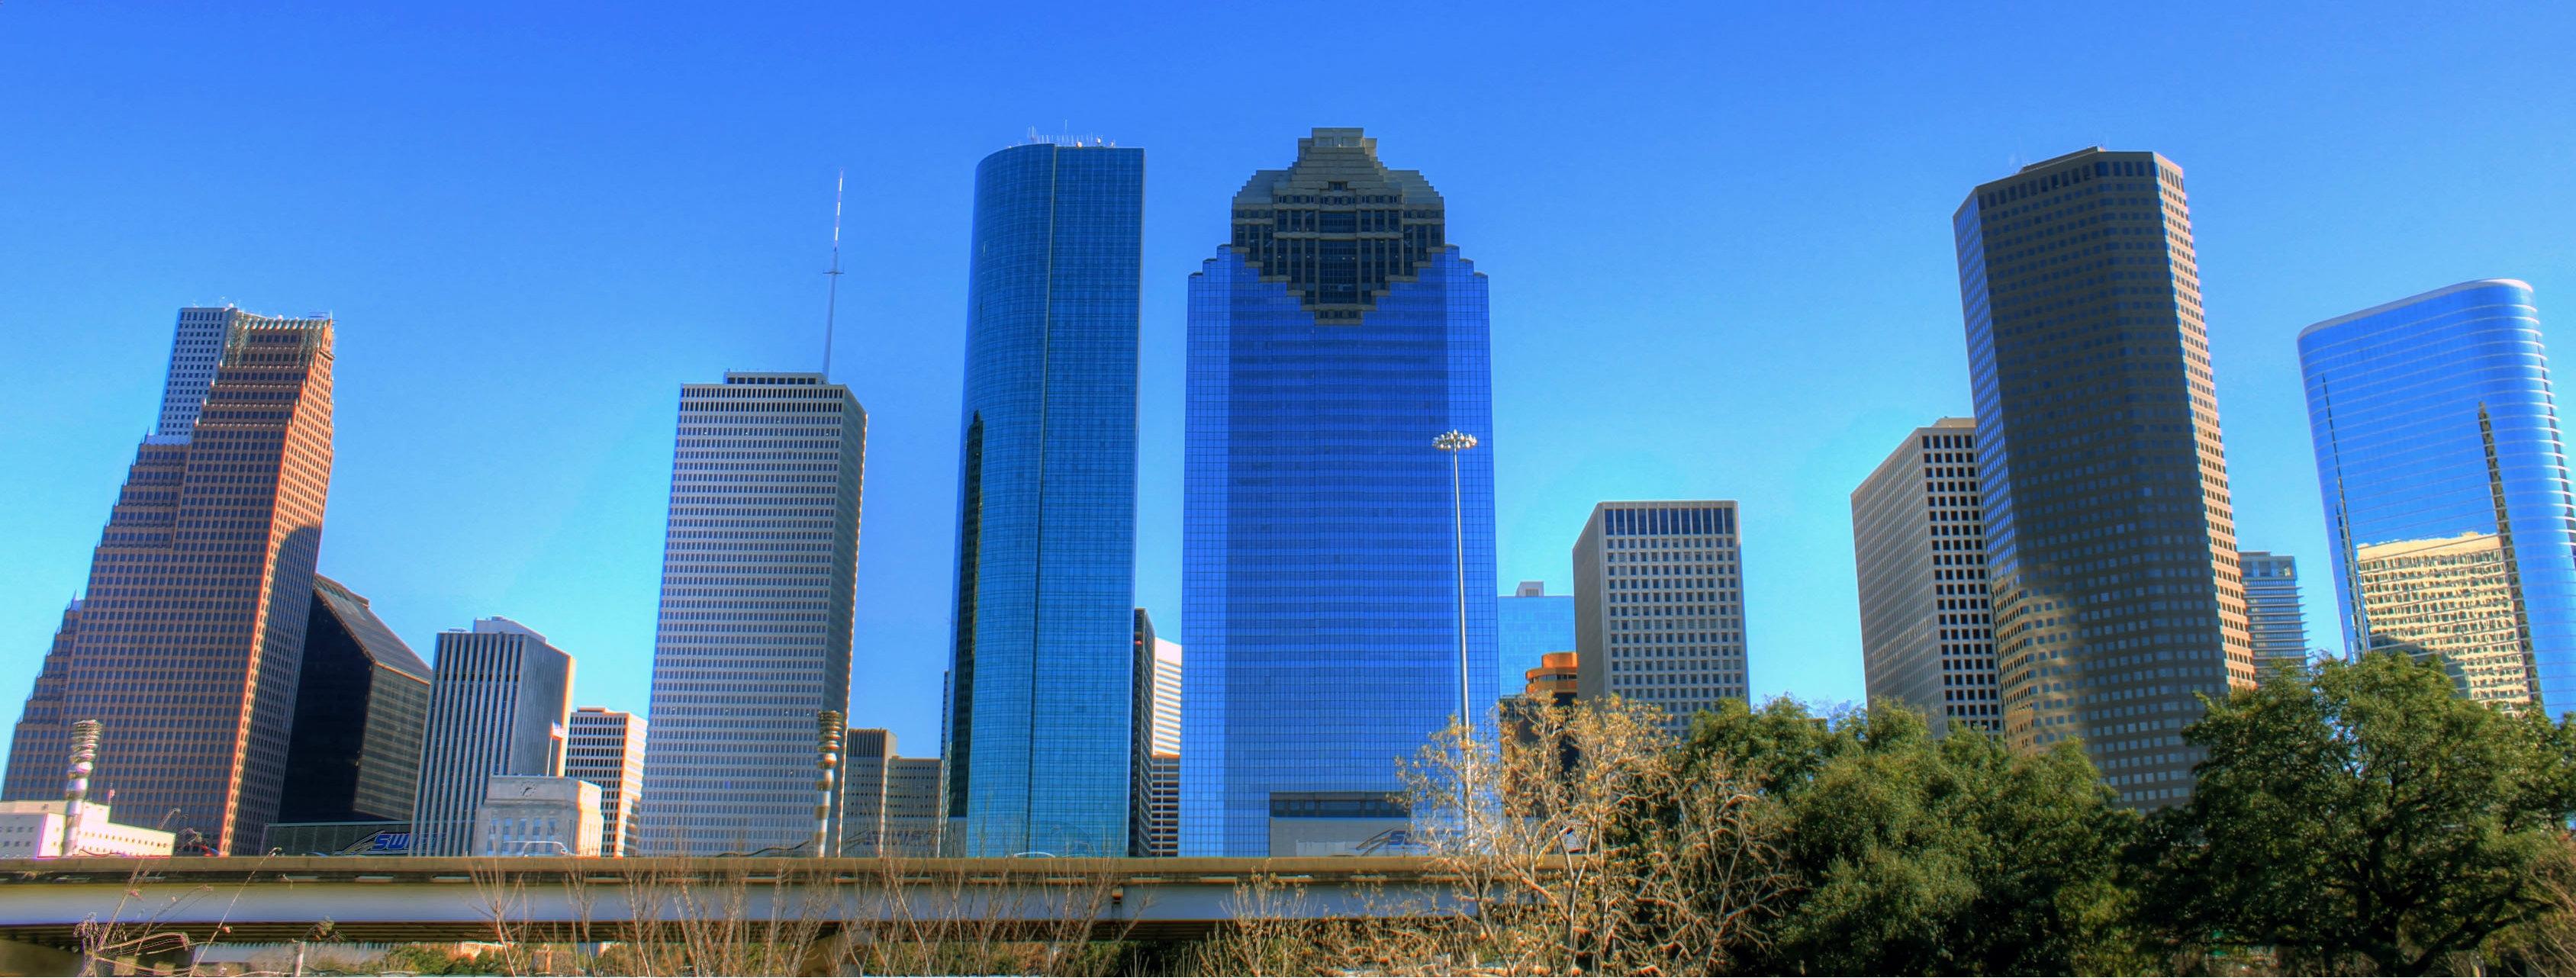 Texas houston skyline buildings